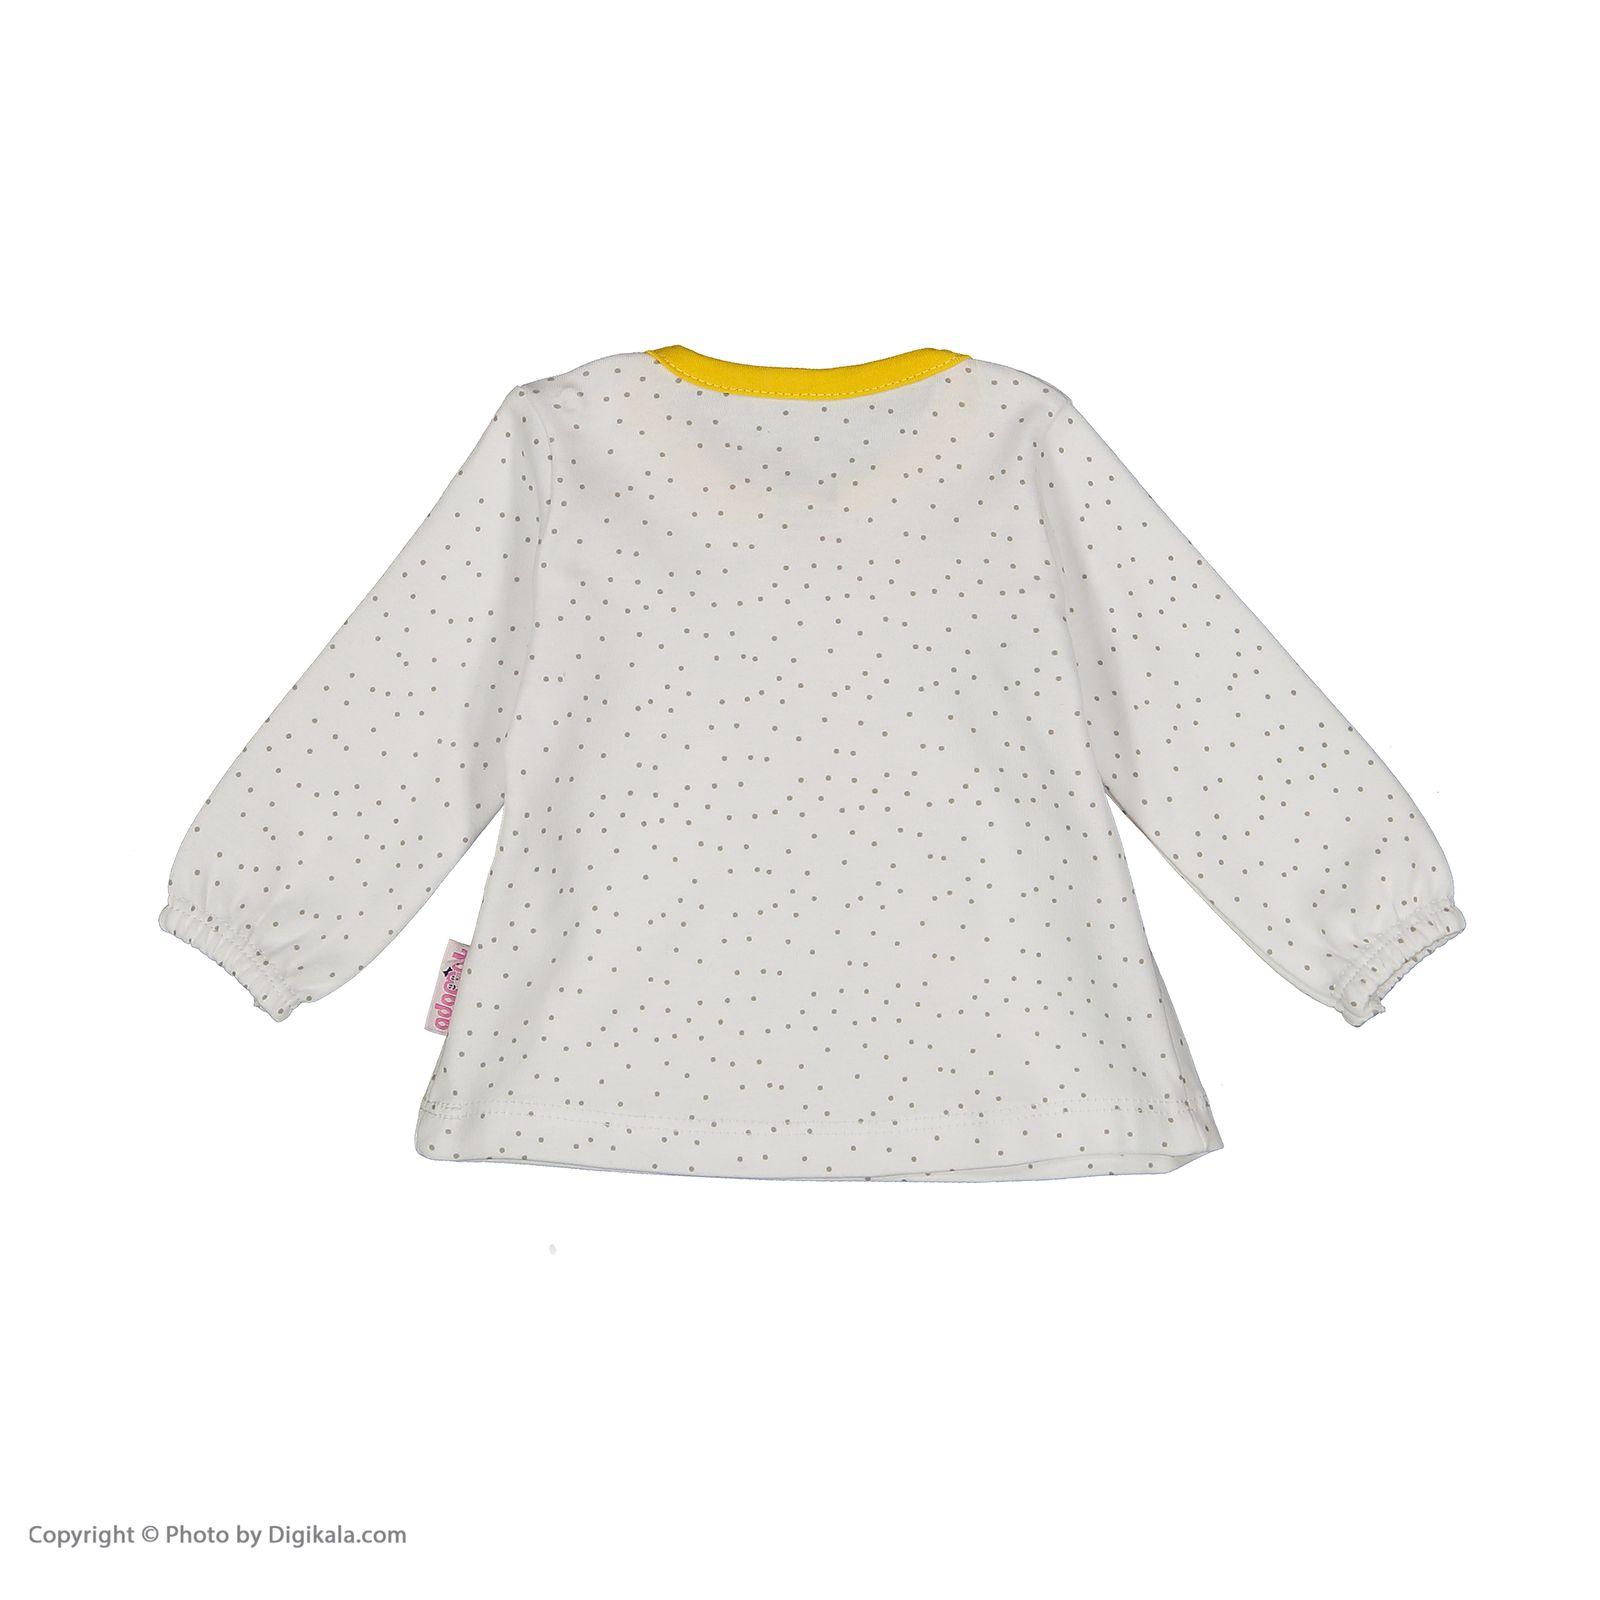 ست تی شرت و شلوار دخترانه آدمک مدل 2171146-19 main 1 5